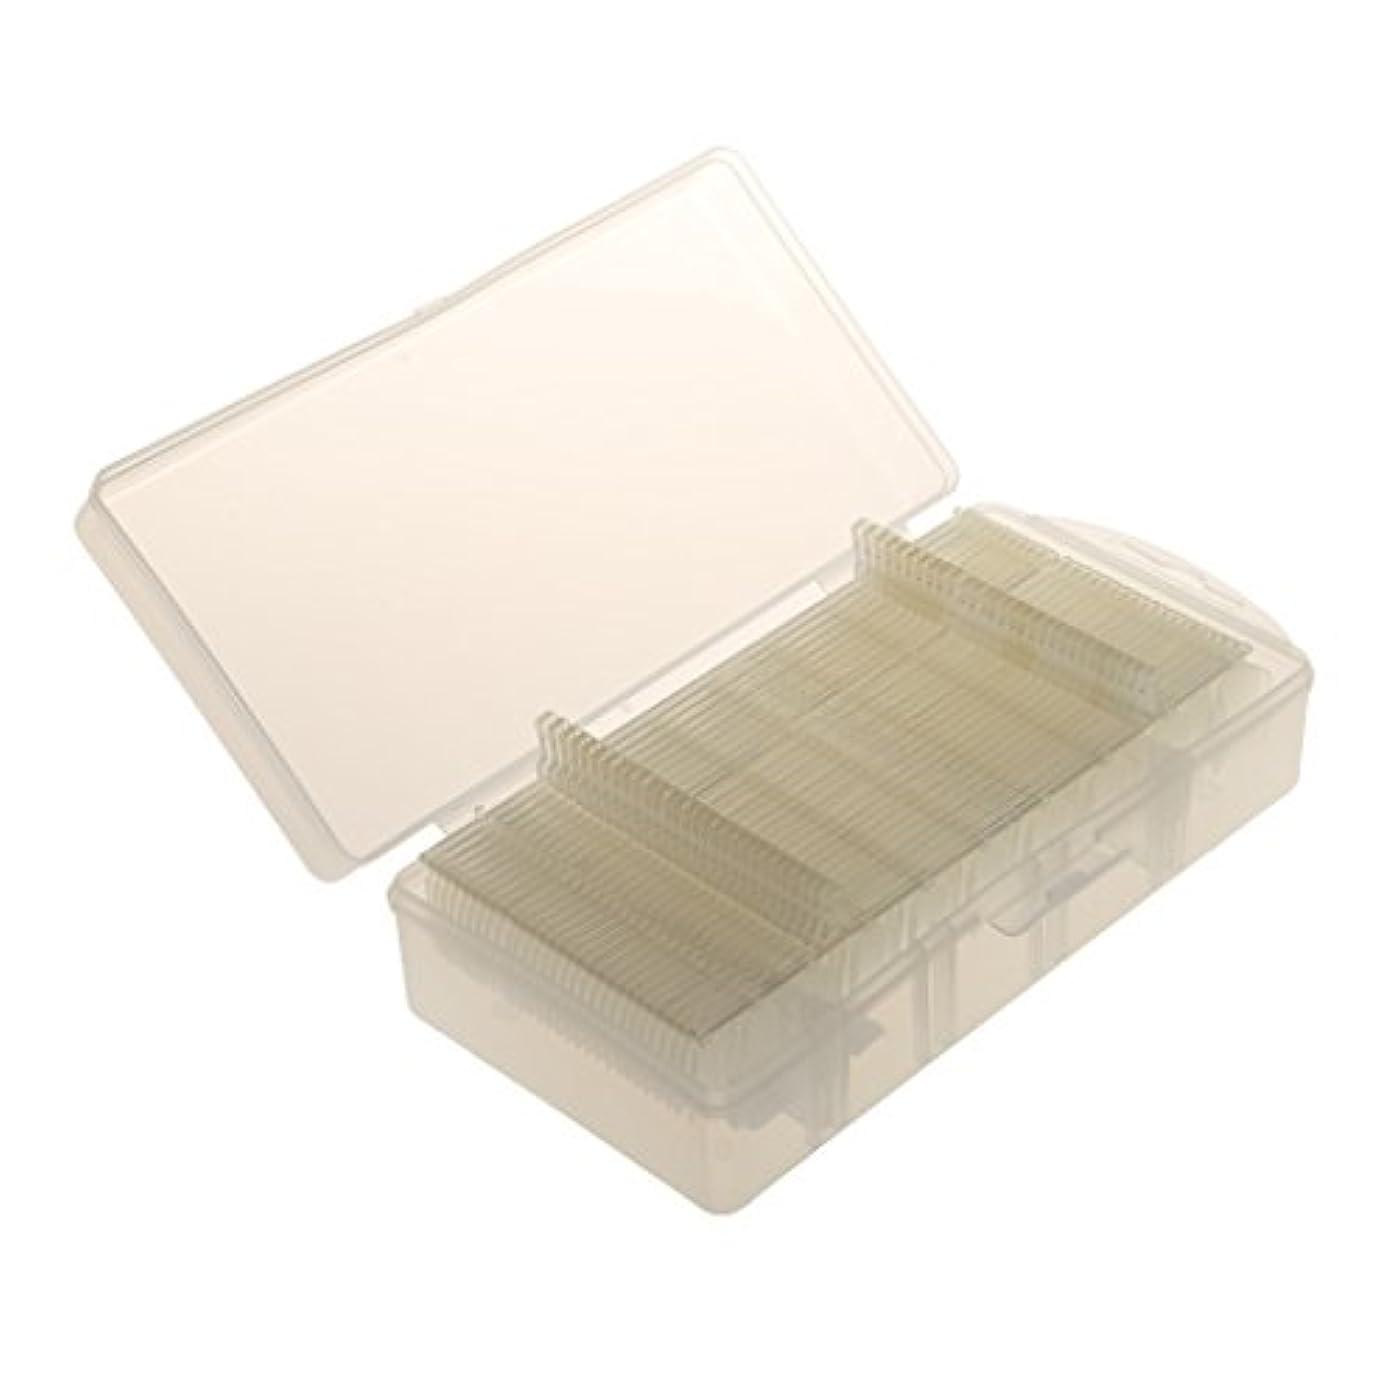 幸運なモネ評判DYNWAVE 300超薄型マット透明ネイルフルカバーチップデコレーションクリア